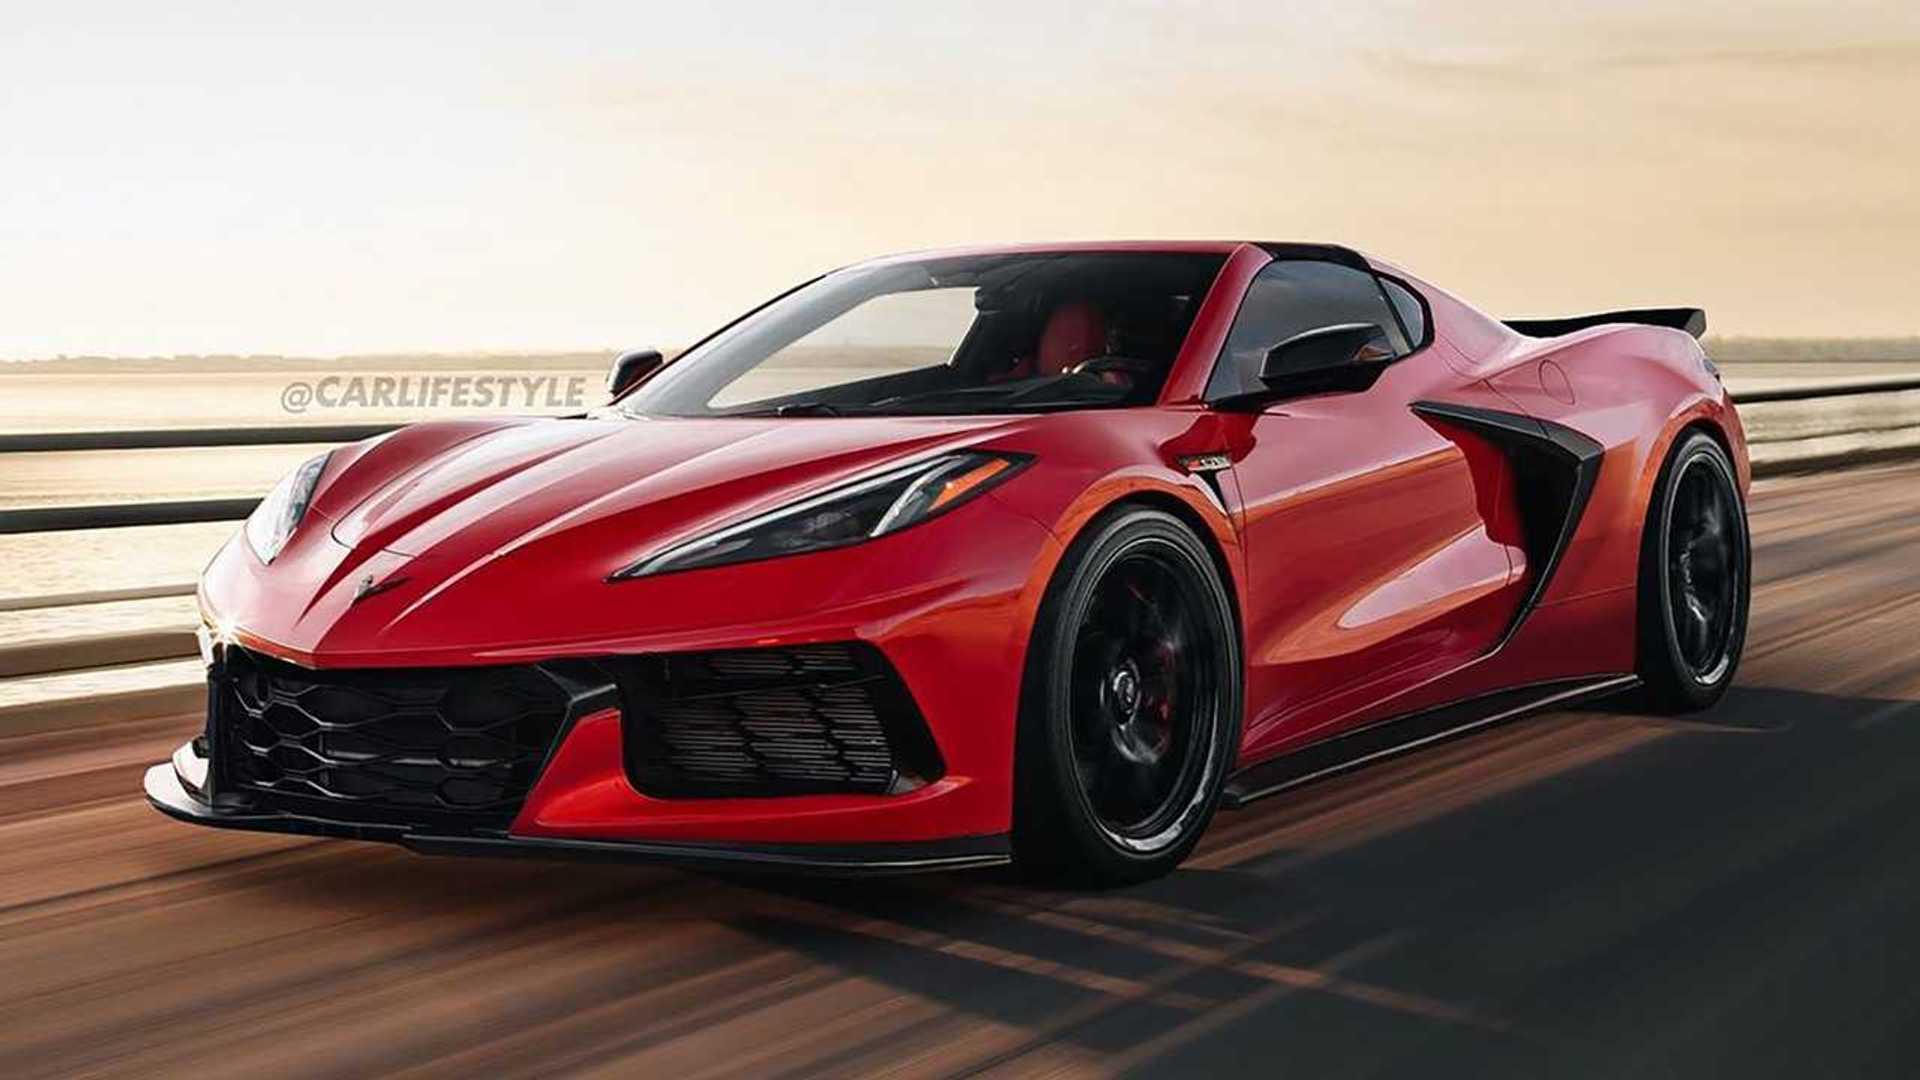 Kelebihan Kekurangan Corvette Z6 Spesifikasi